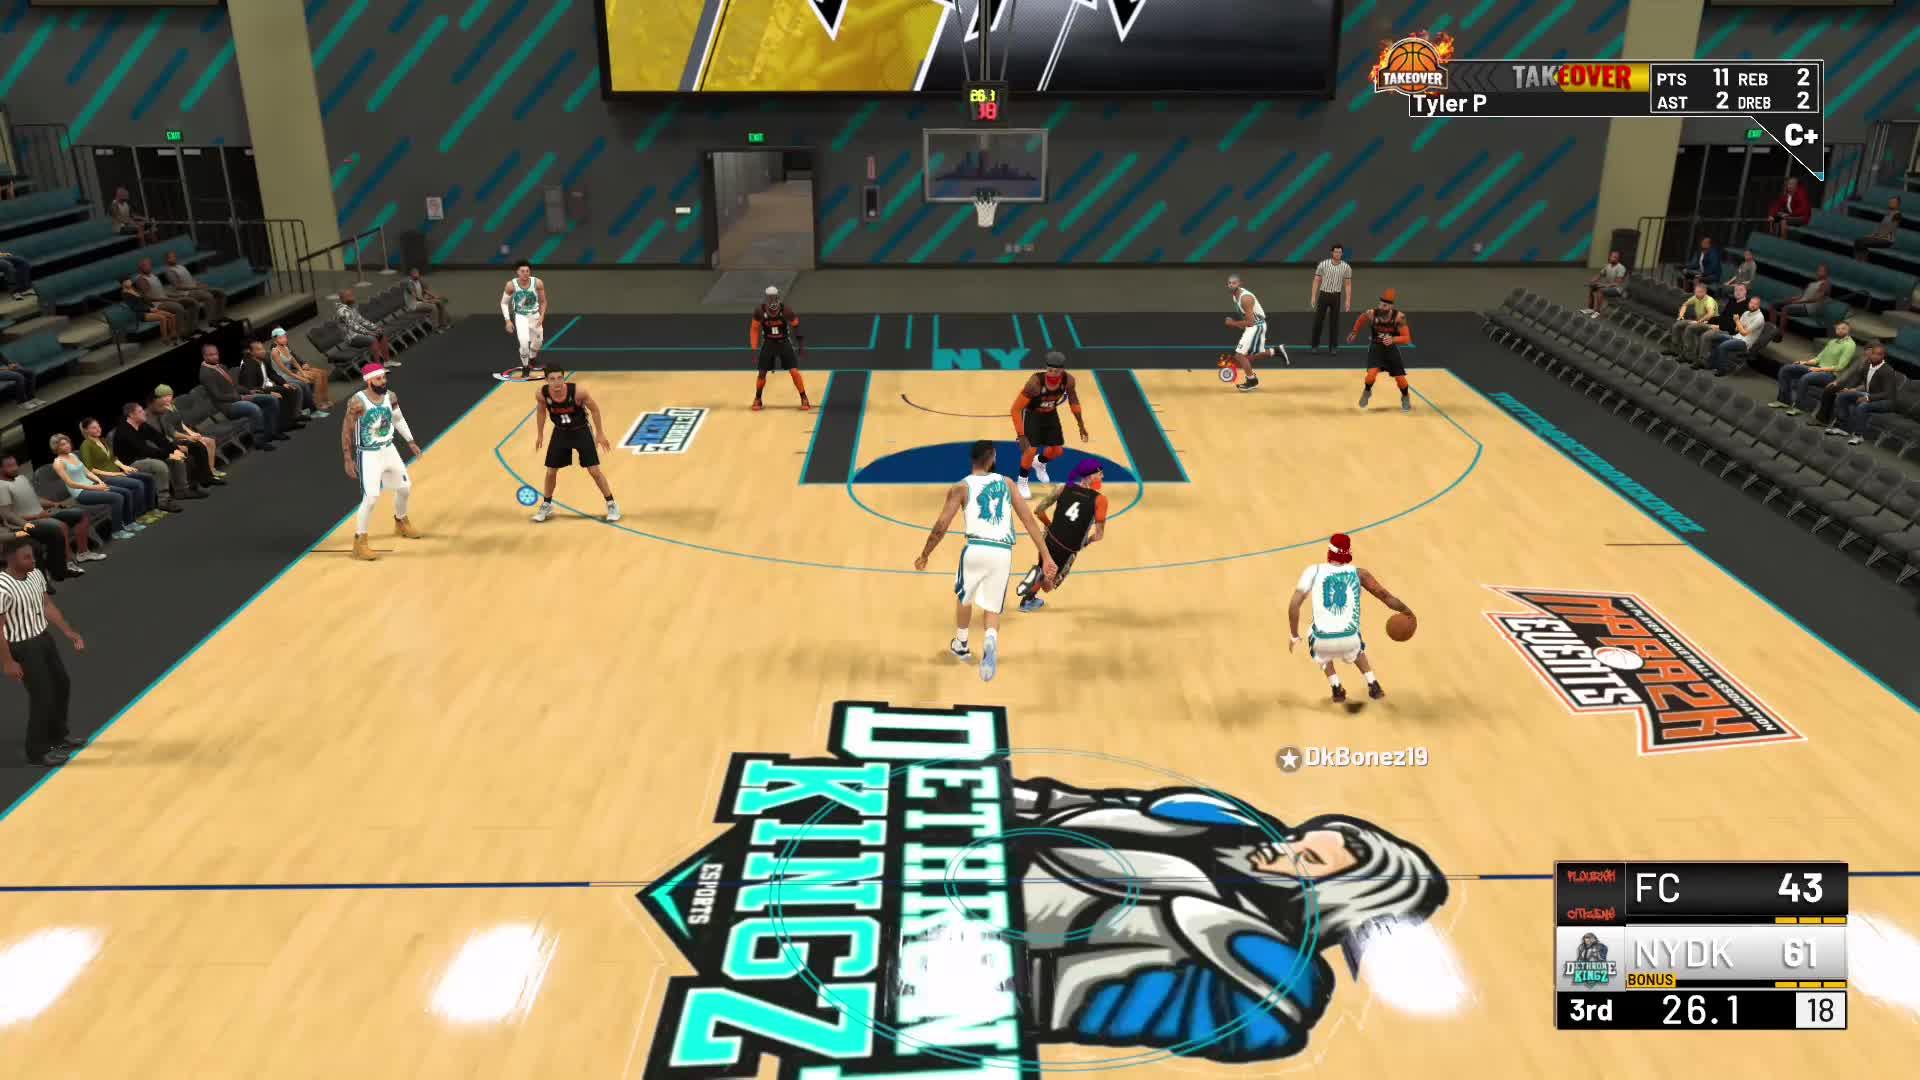 NBA2K19, TyIer P, xbox, xbox dvr, xbox one,  GIFs